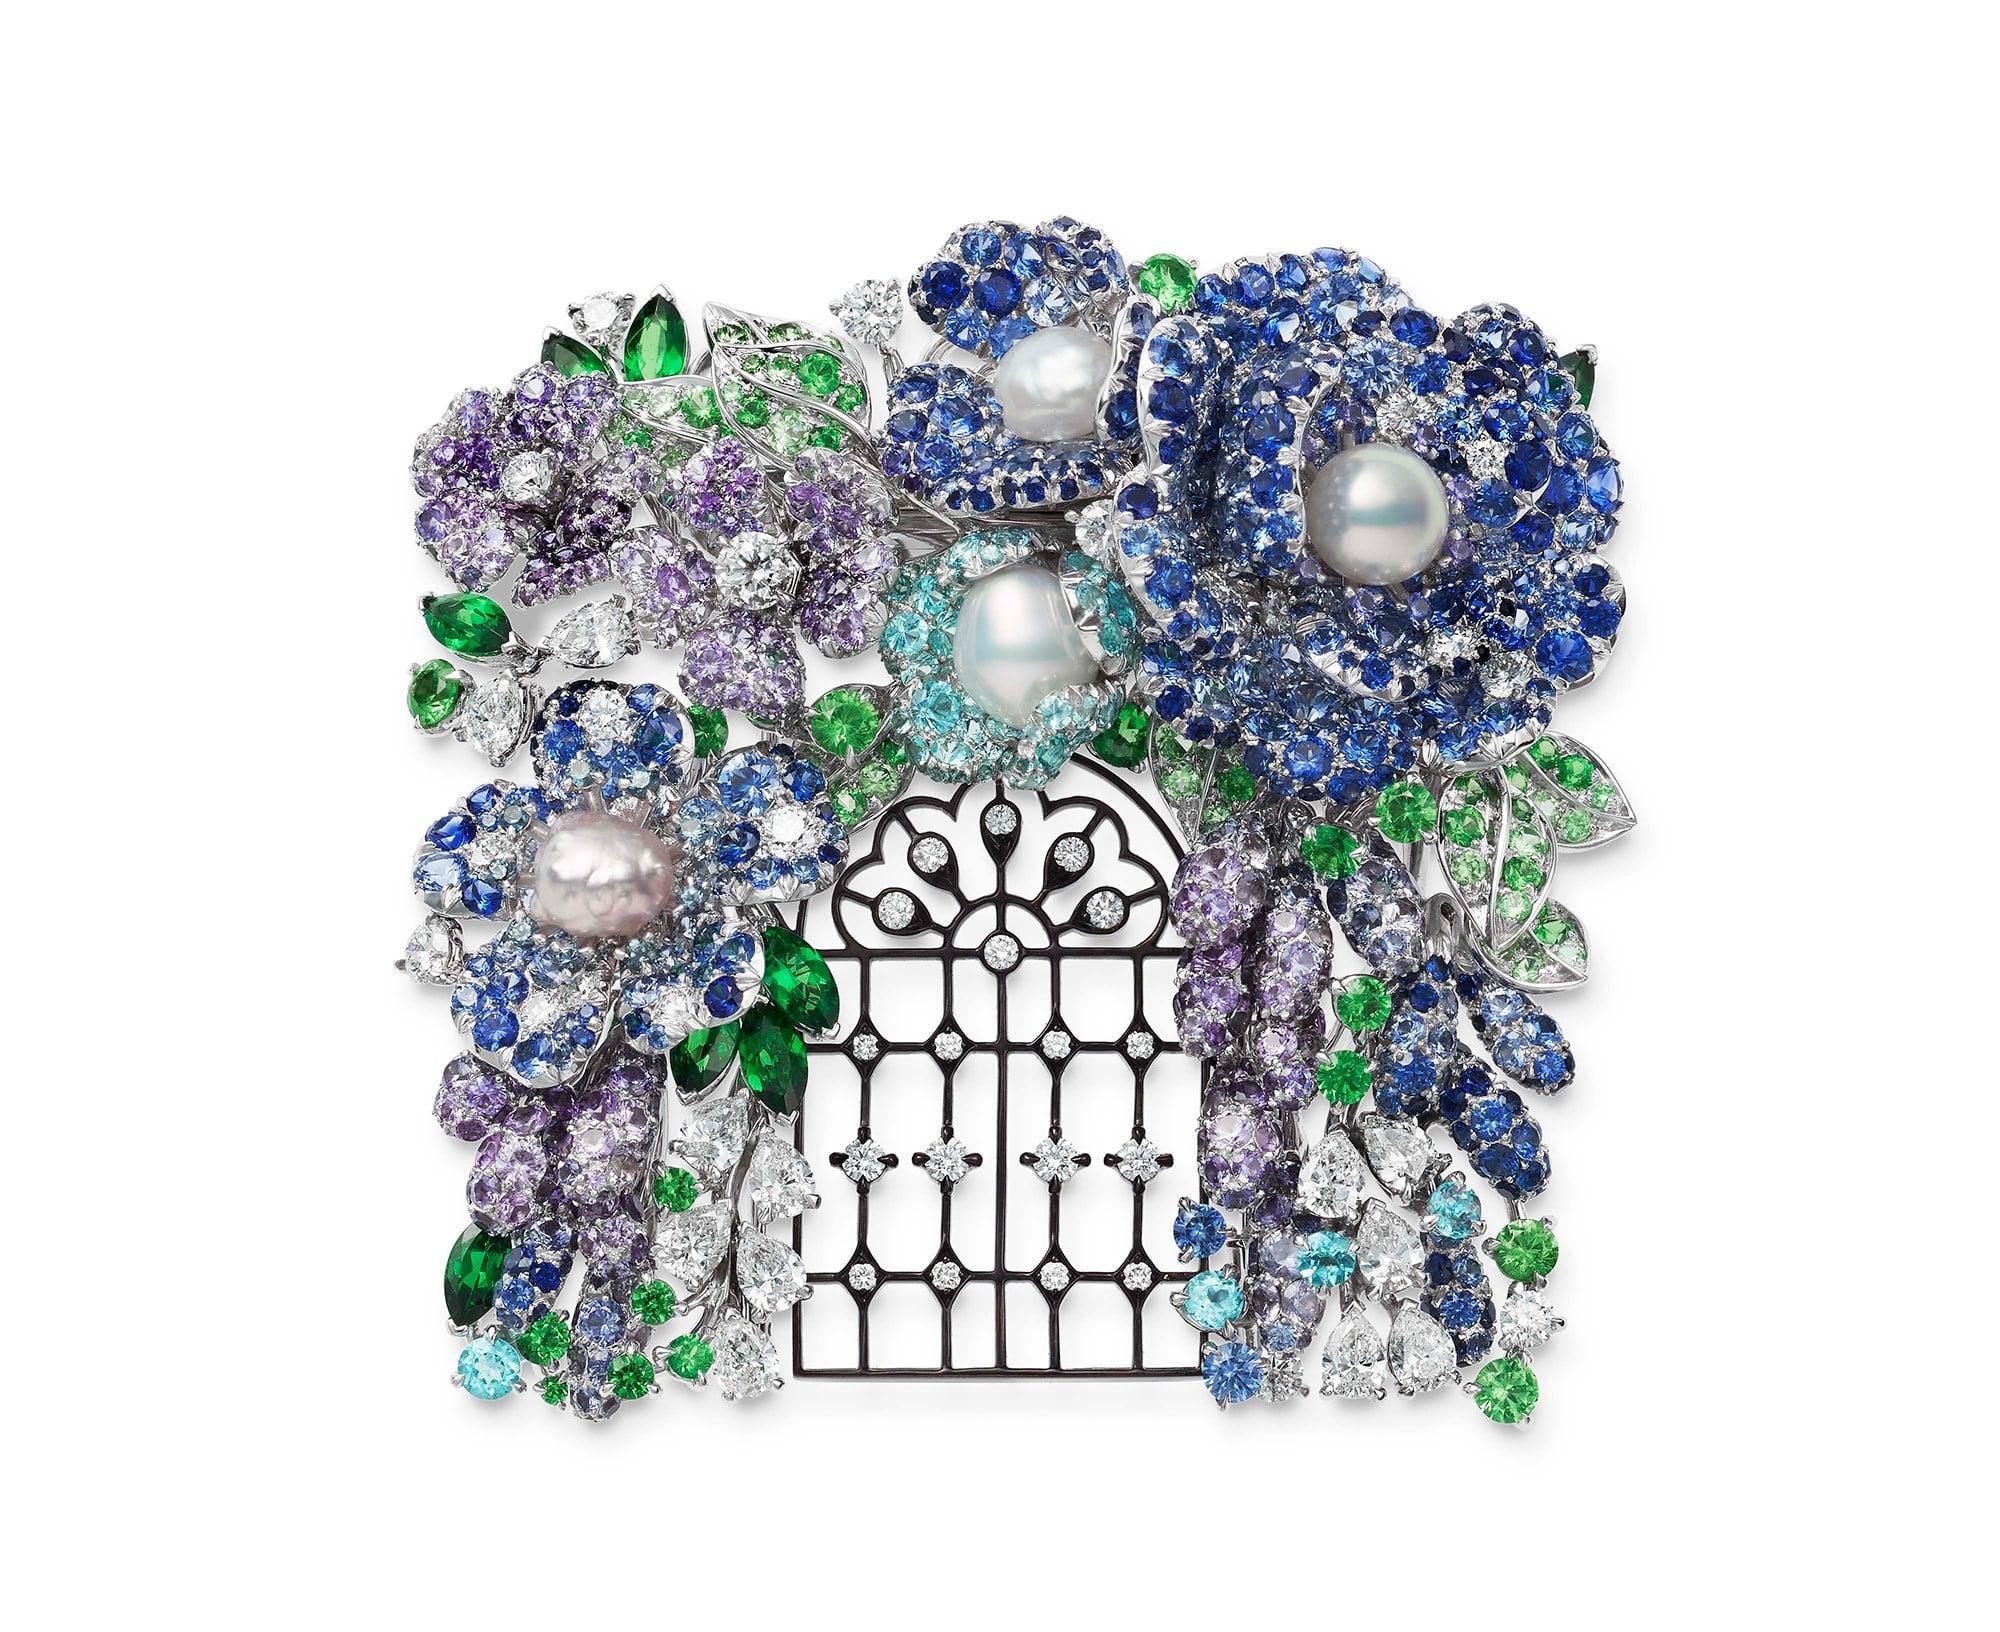 ブルー、ラベンダーの花いっぱいのロマンティックなフラワーアーチを描写して。 ブローチ。K18ホワイトゴールド・天然淡水真珠・サファイア・トルマリン・ガーネット・アレキサンドライト・ダイヤモンド。35,000,000円 税別